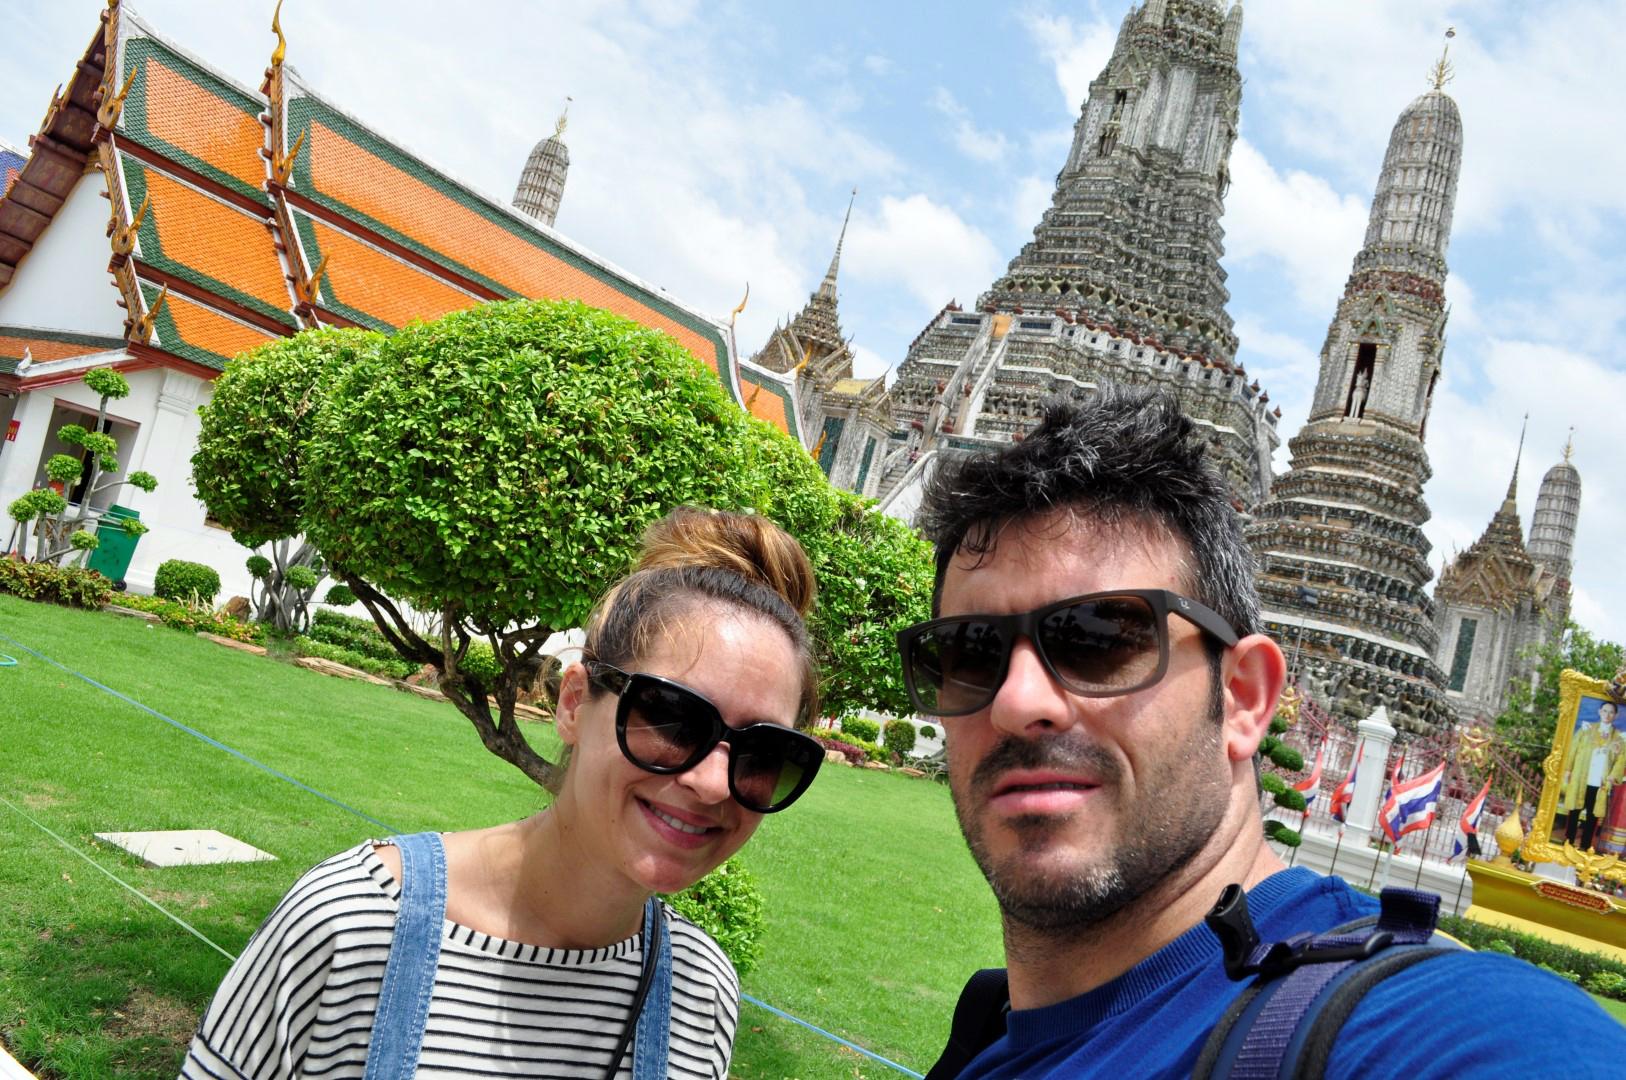 Qué hacer en Bangkok, qué ver en Bangkok, Tailandia qué hacer en bangkok - 40536751402 5d91183b2b o - Qué hacer en Bangkok para descubrir su estilo de vida